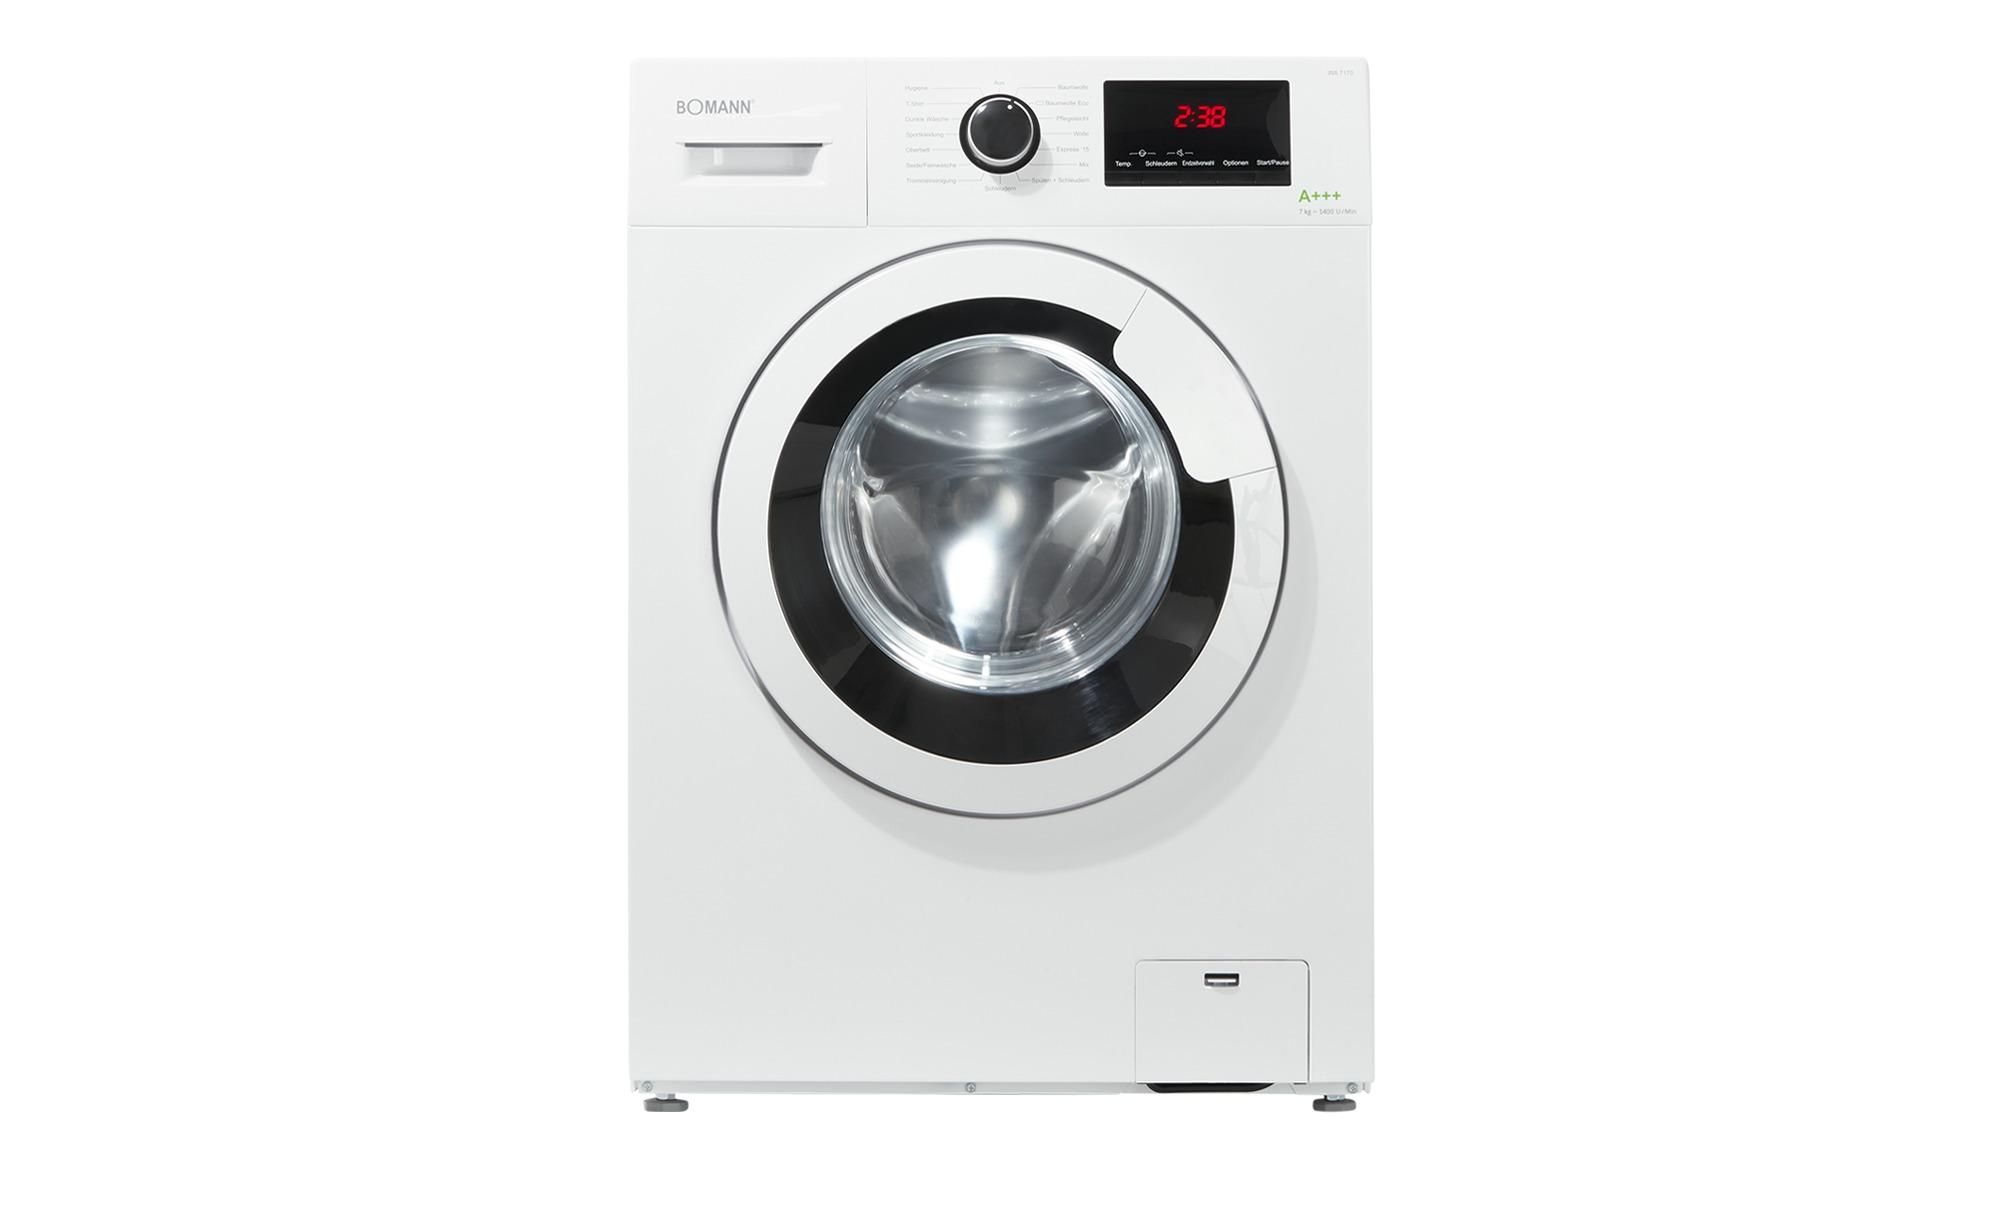 Bomann Waschvollautomat  WA 7170 ¦ weiß ¦ Kunststoff, Edelstahl ¦ Maße (cm): B: 59,5 H: 85 T: 40 Elektrogeräte > Waschmaschinen - Höffner